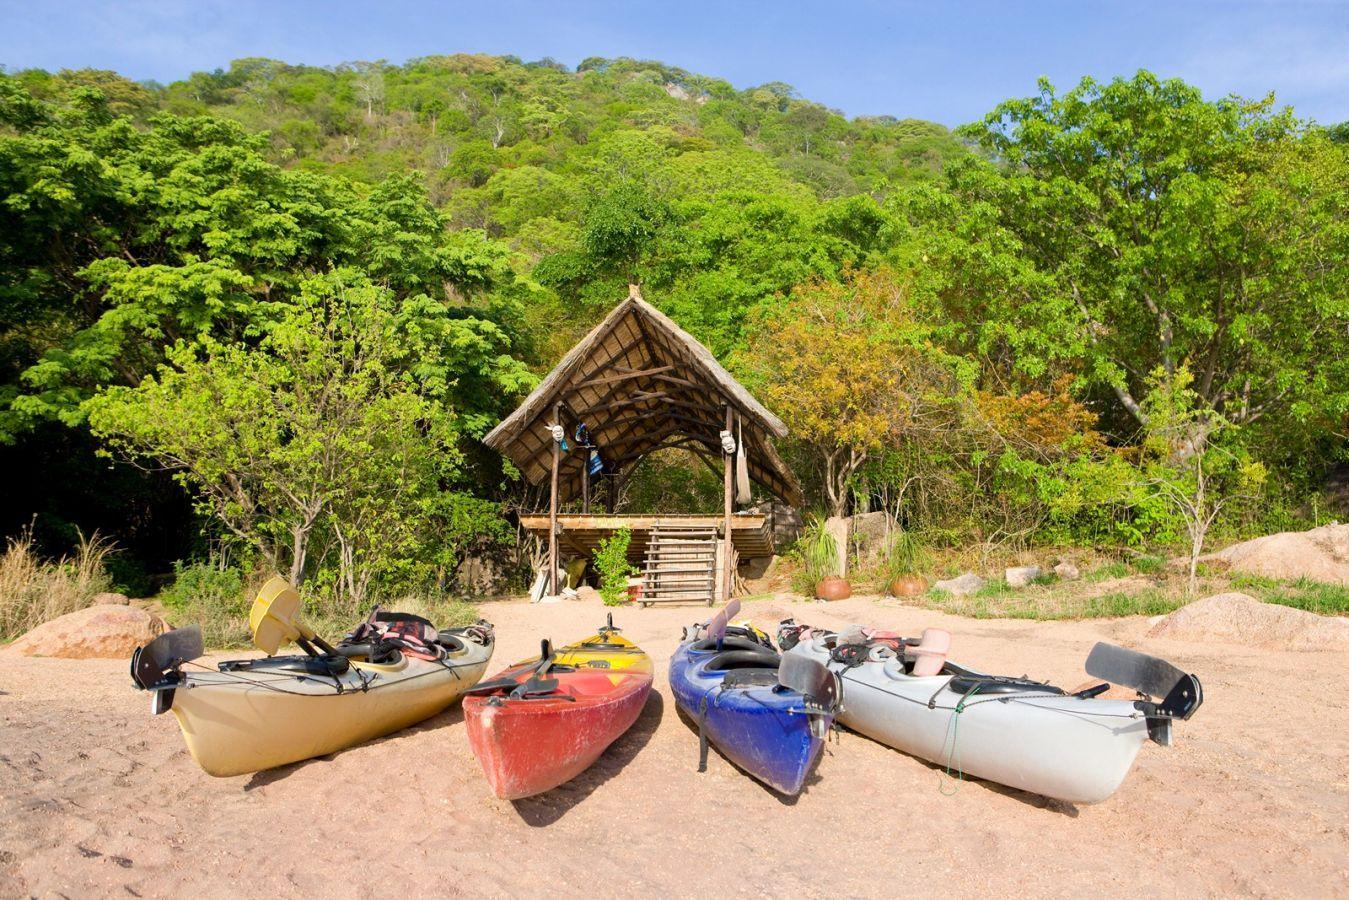 Domwe Island Camp strand en kajak